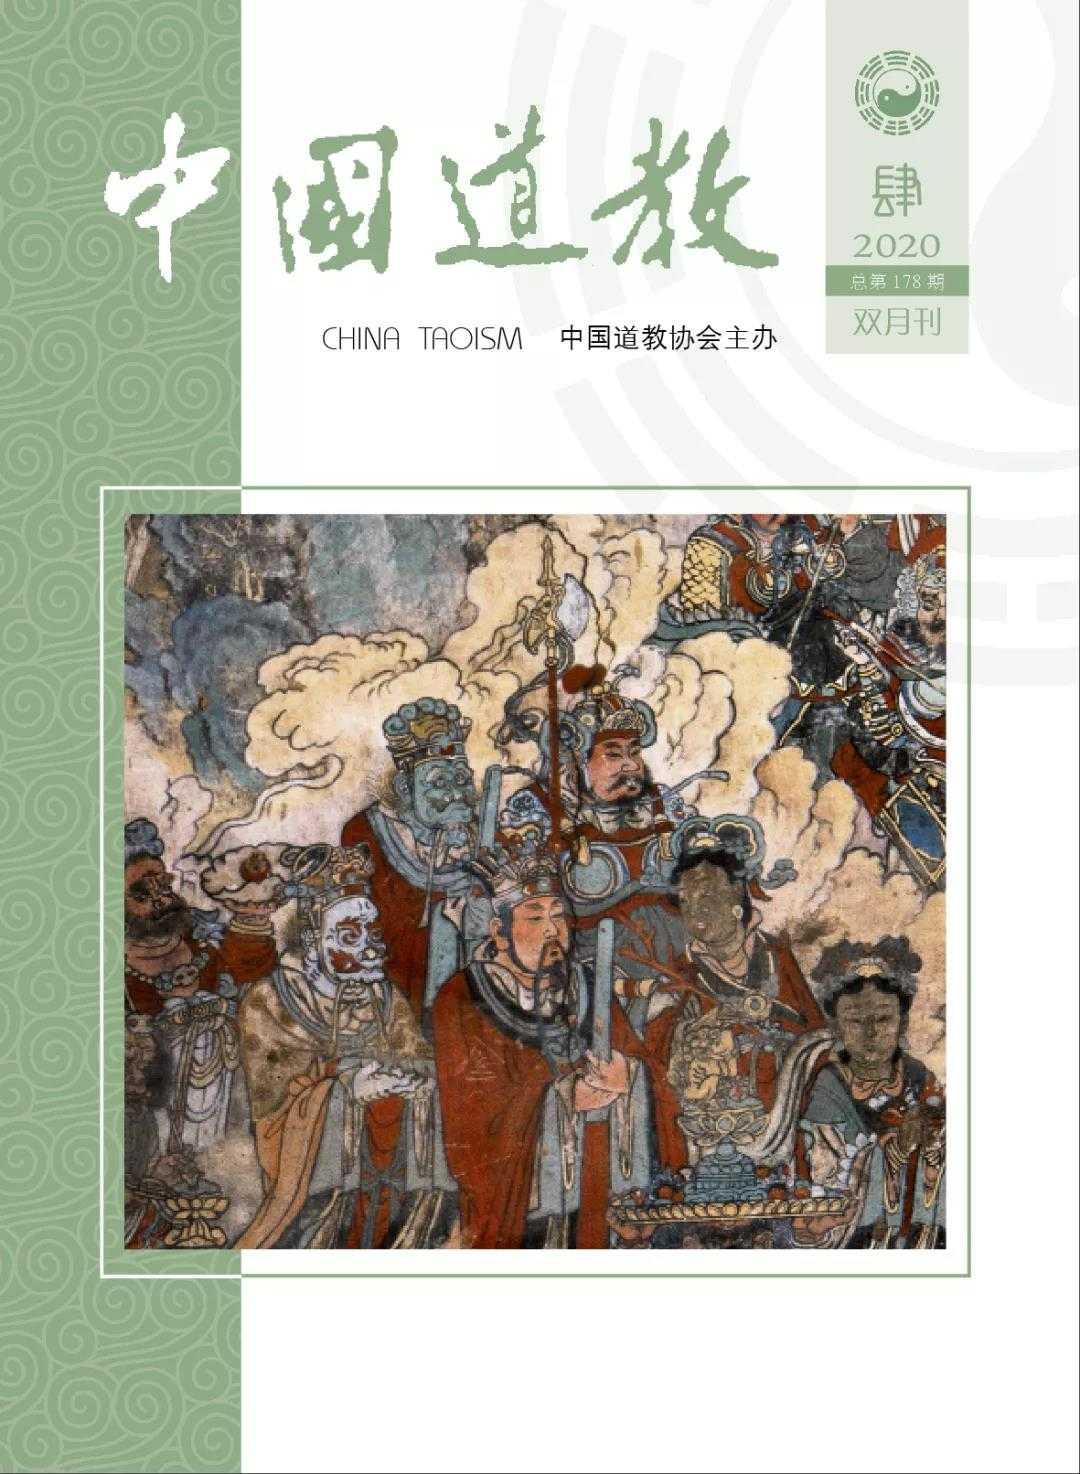 《中国道教》2020年第四期(总第178期)目录